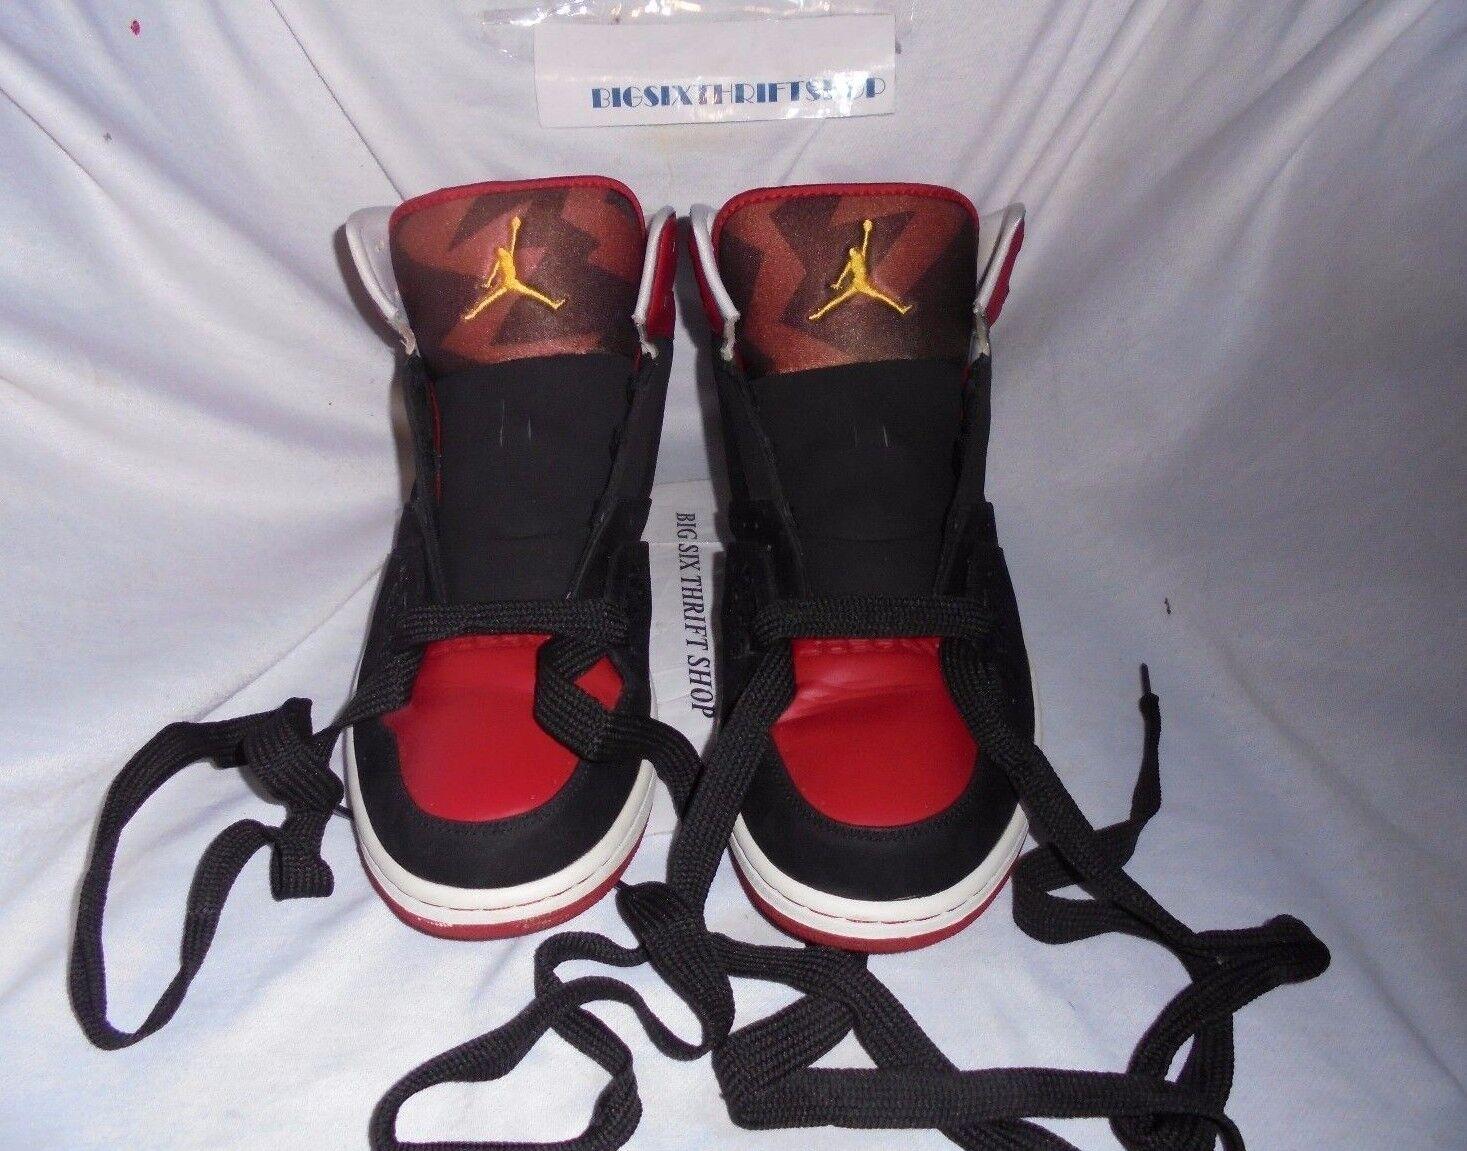 2009 372704 Nike Jordan Flight Basketball Shoes Black Red 372704 2009 063 Adult size 13 9d08ef